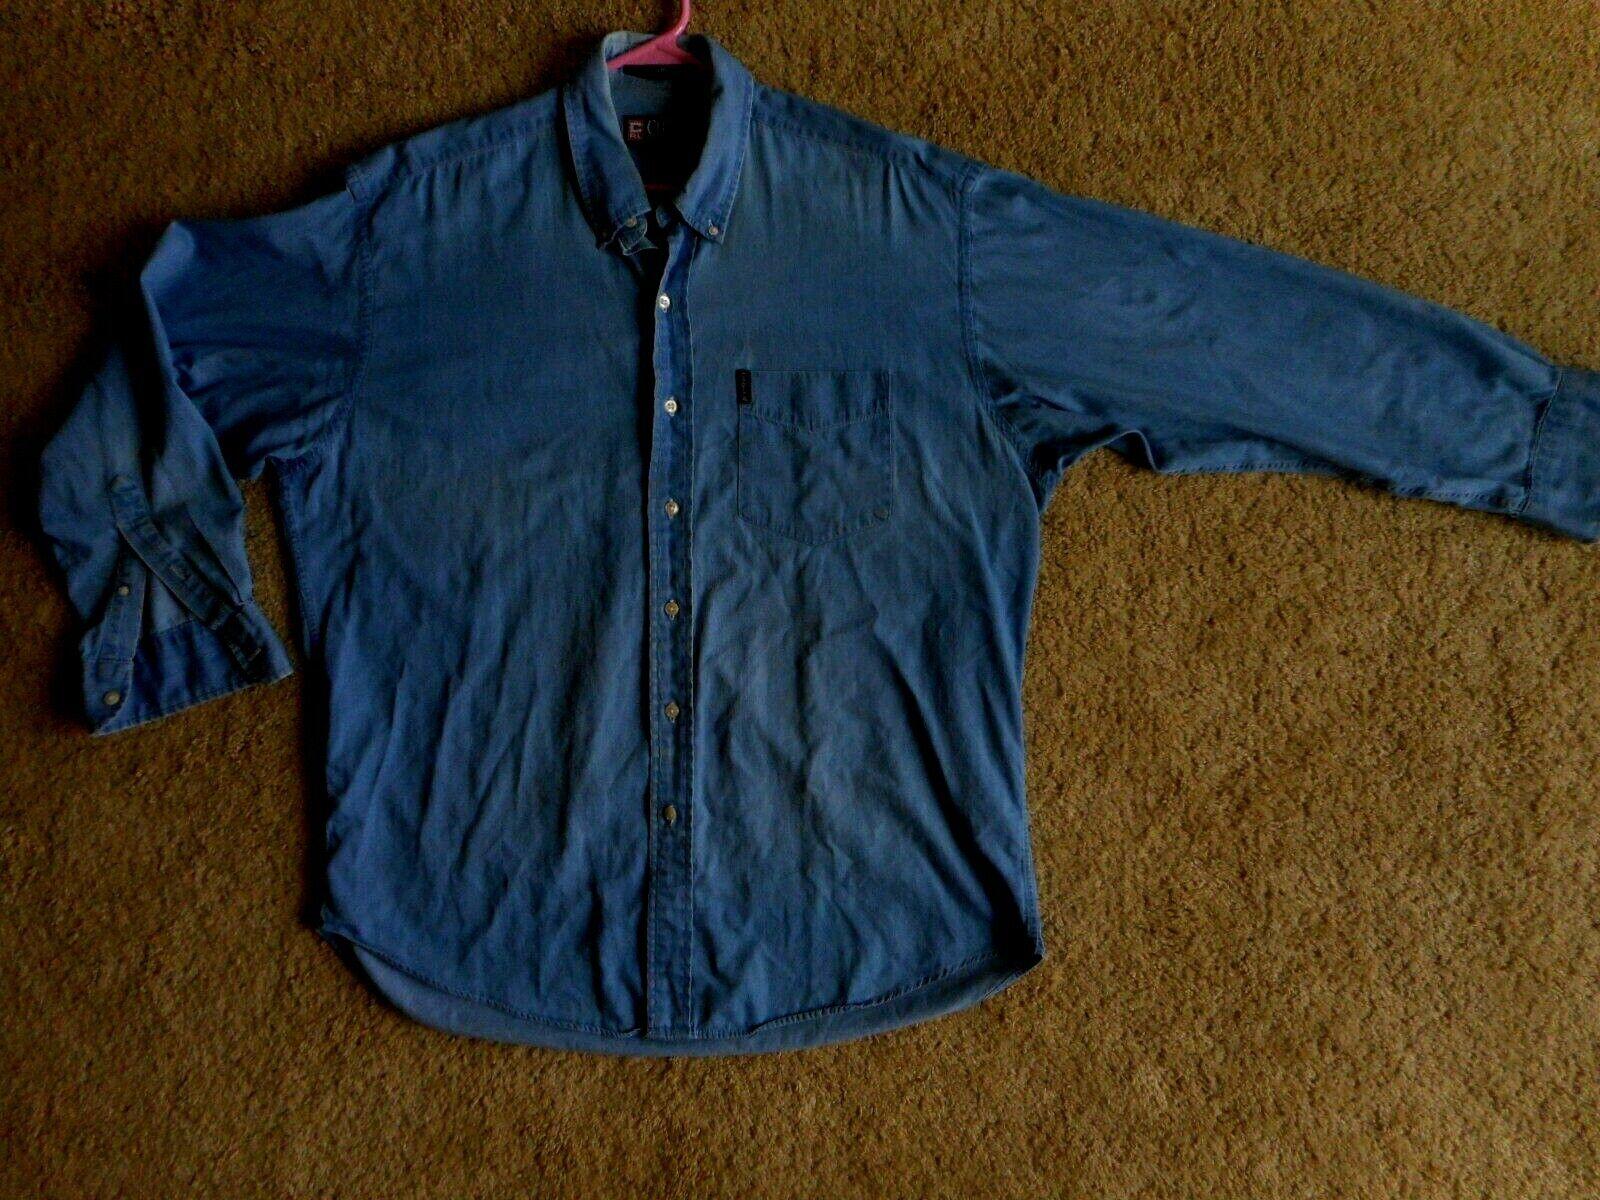 Ralph Lauren Denim Collar Button Up sz Medium 16.5 Faded 100% Cotton Long Sleeve